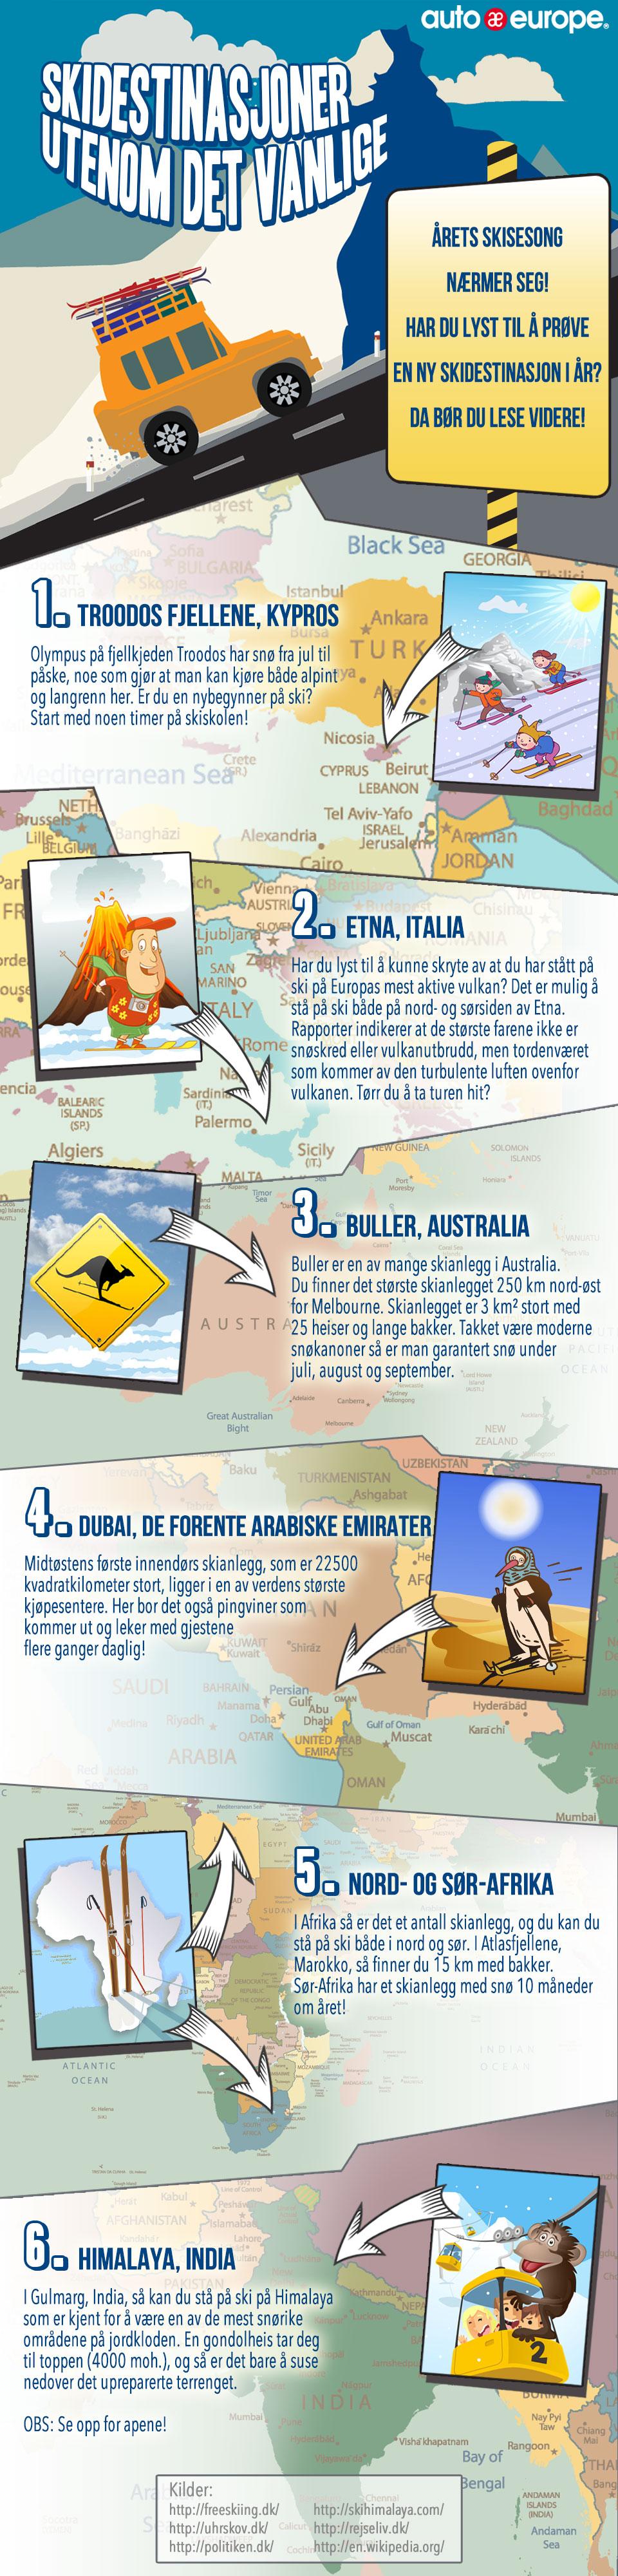 Infographic: Skidestinasjoner utenom det vanlige